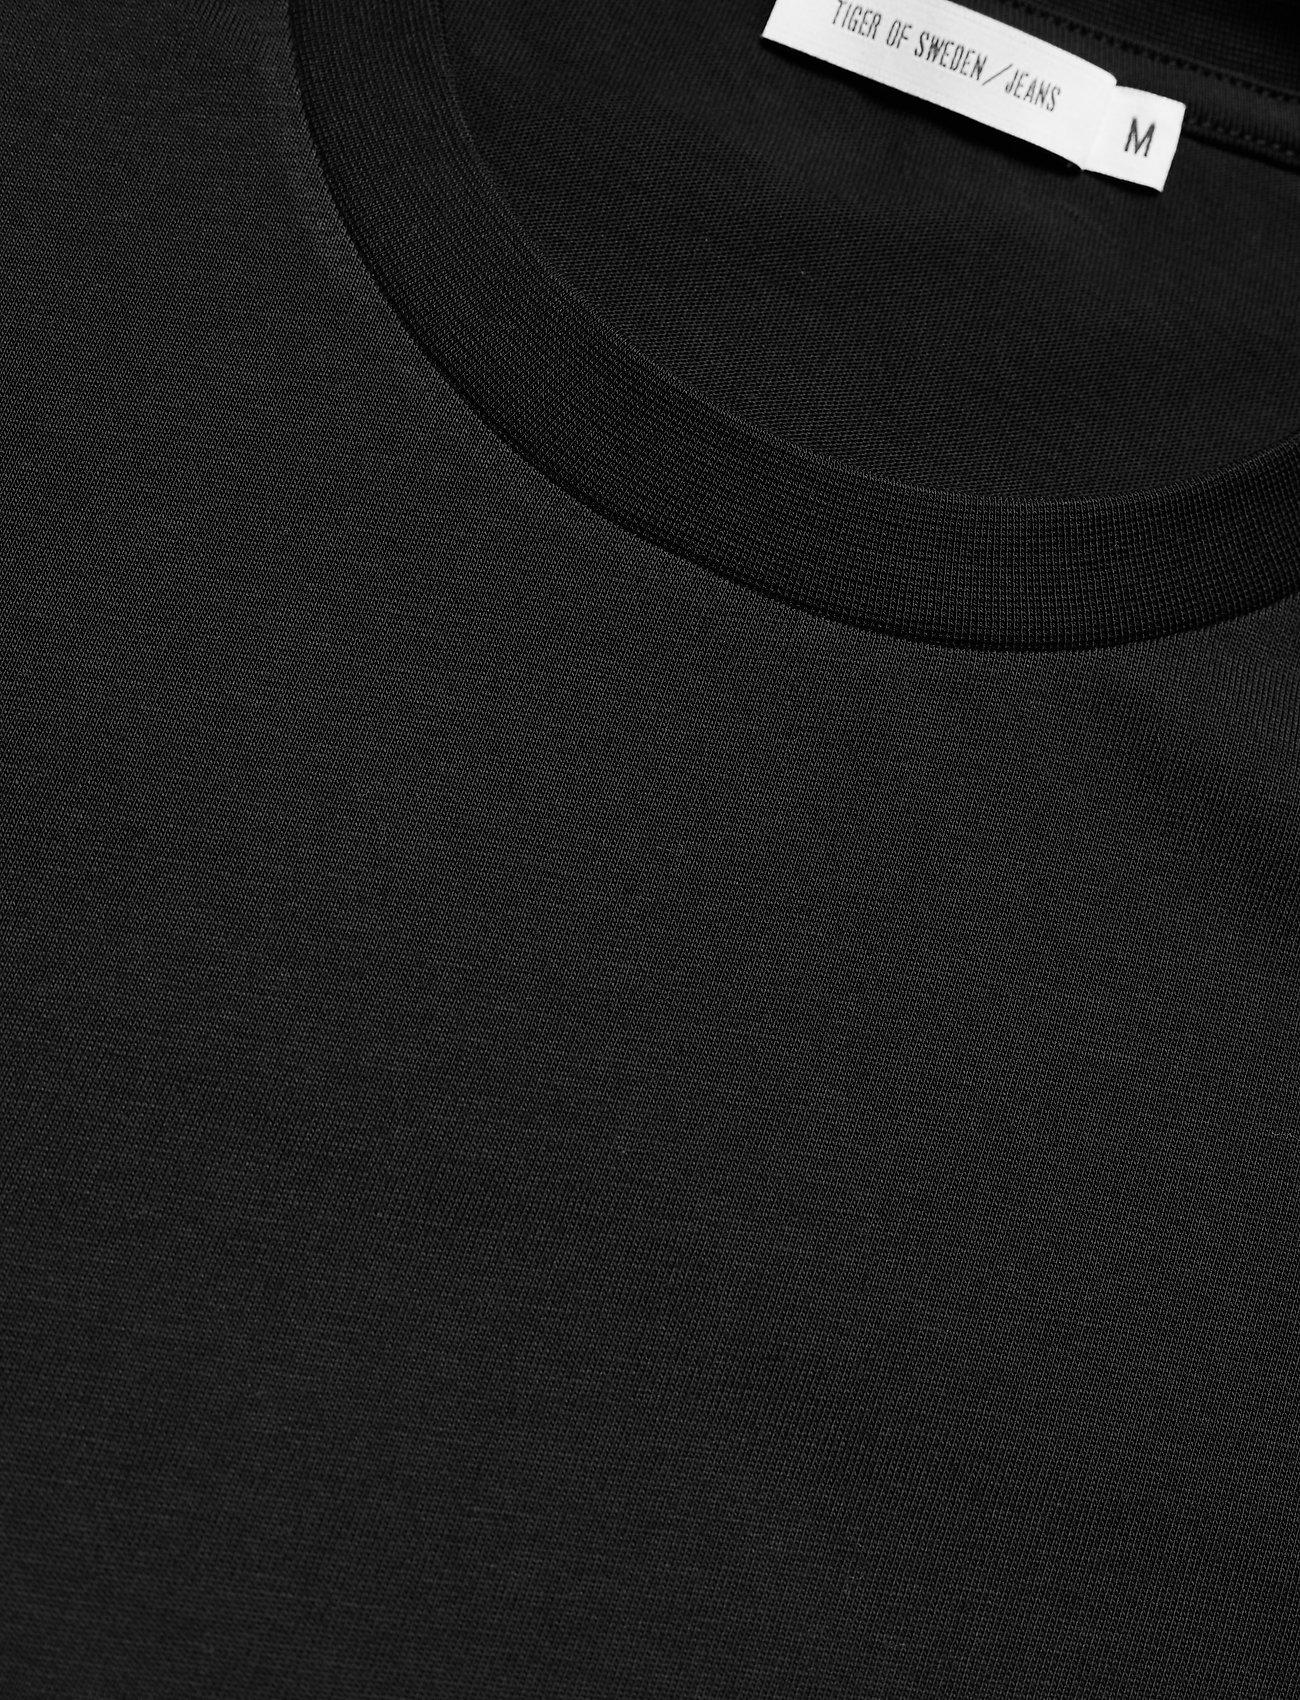 Tiger of Sweden Jeans PRO - T-skjorter BLACK - Menn Klær